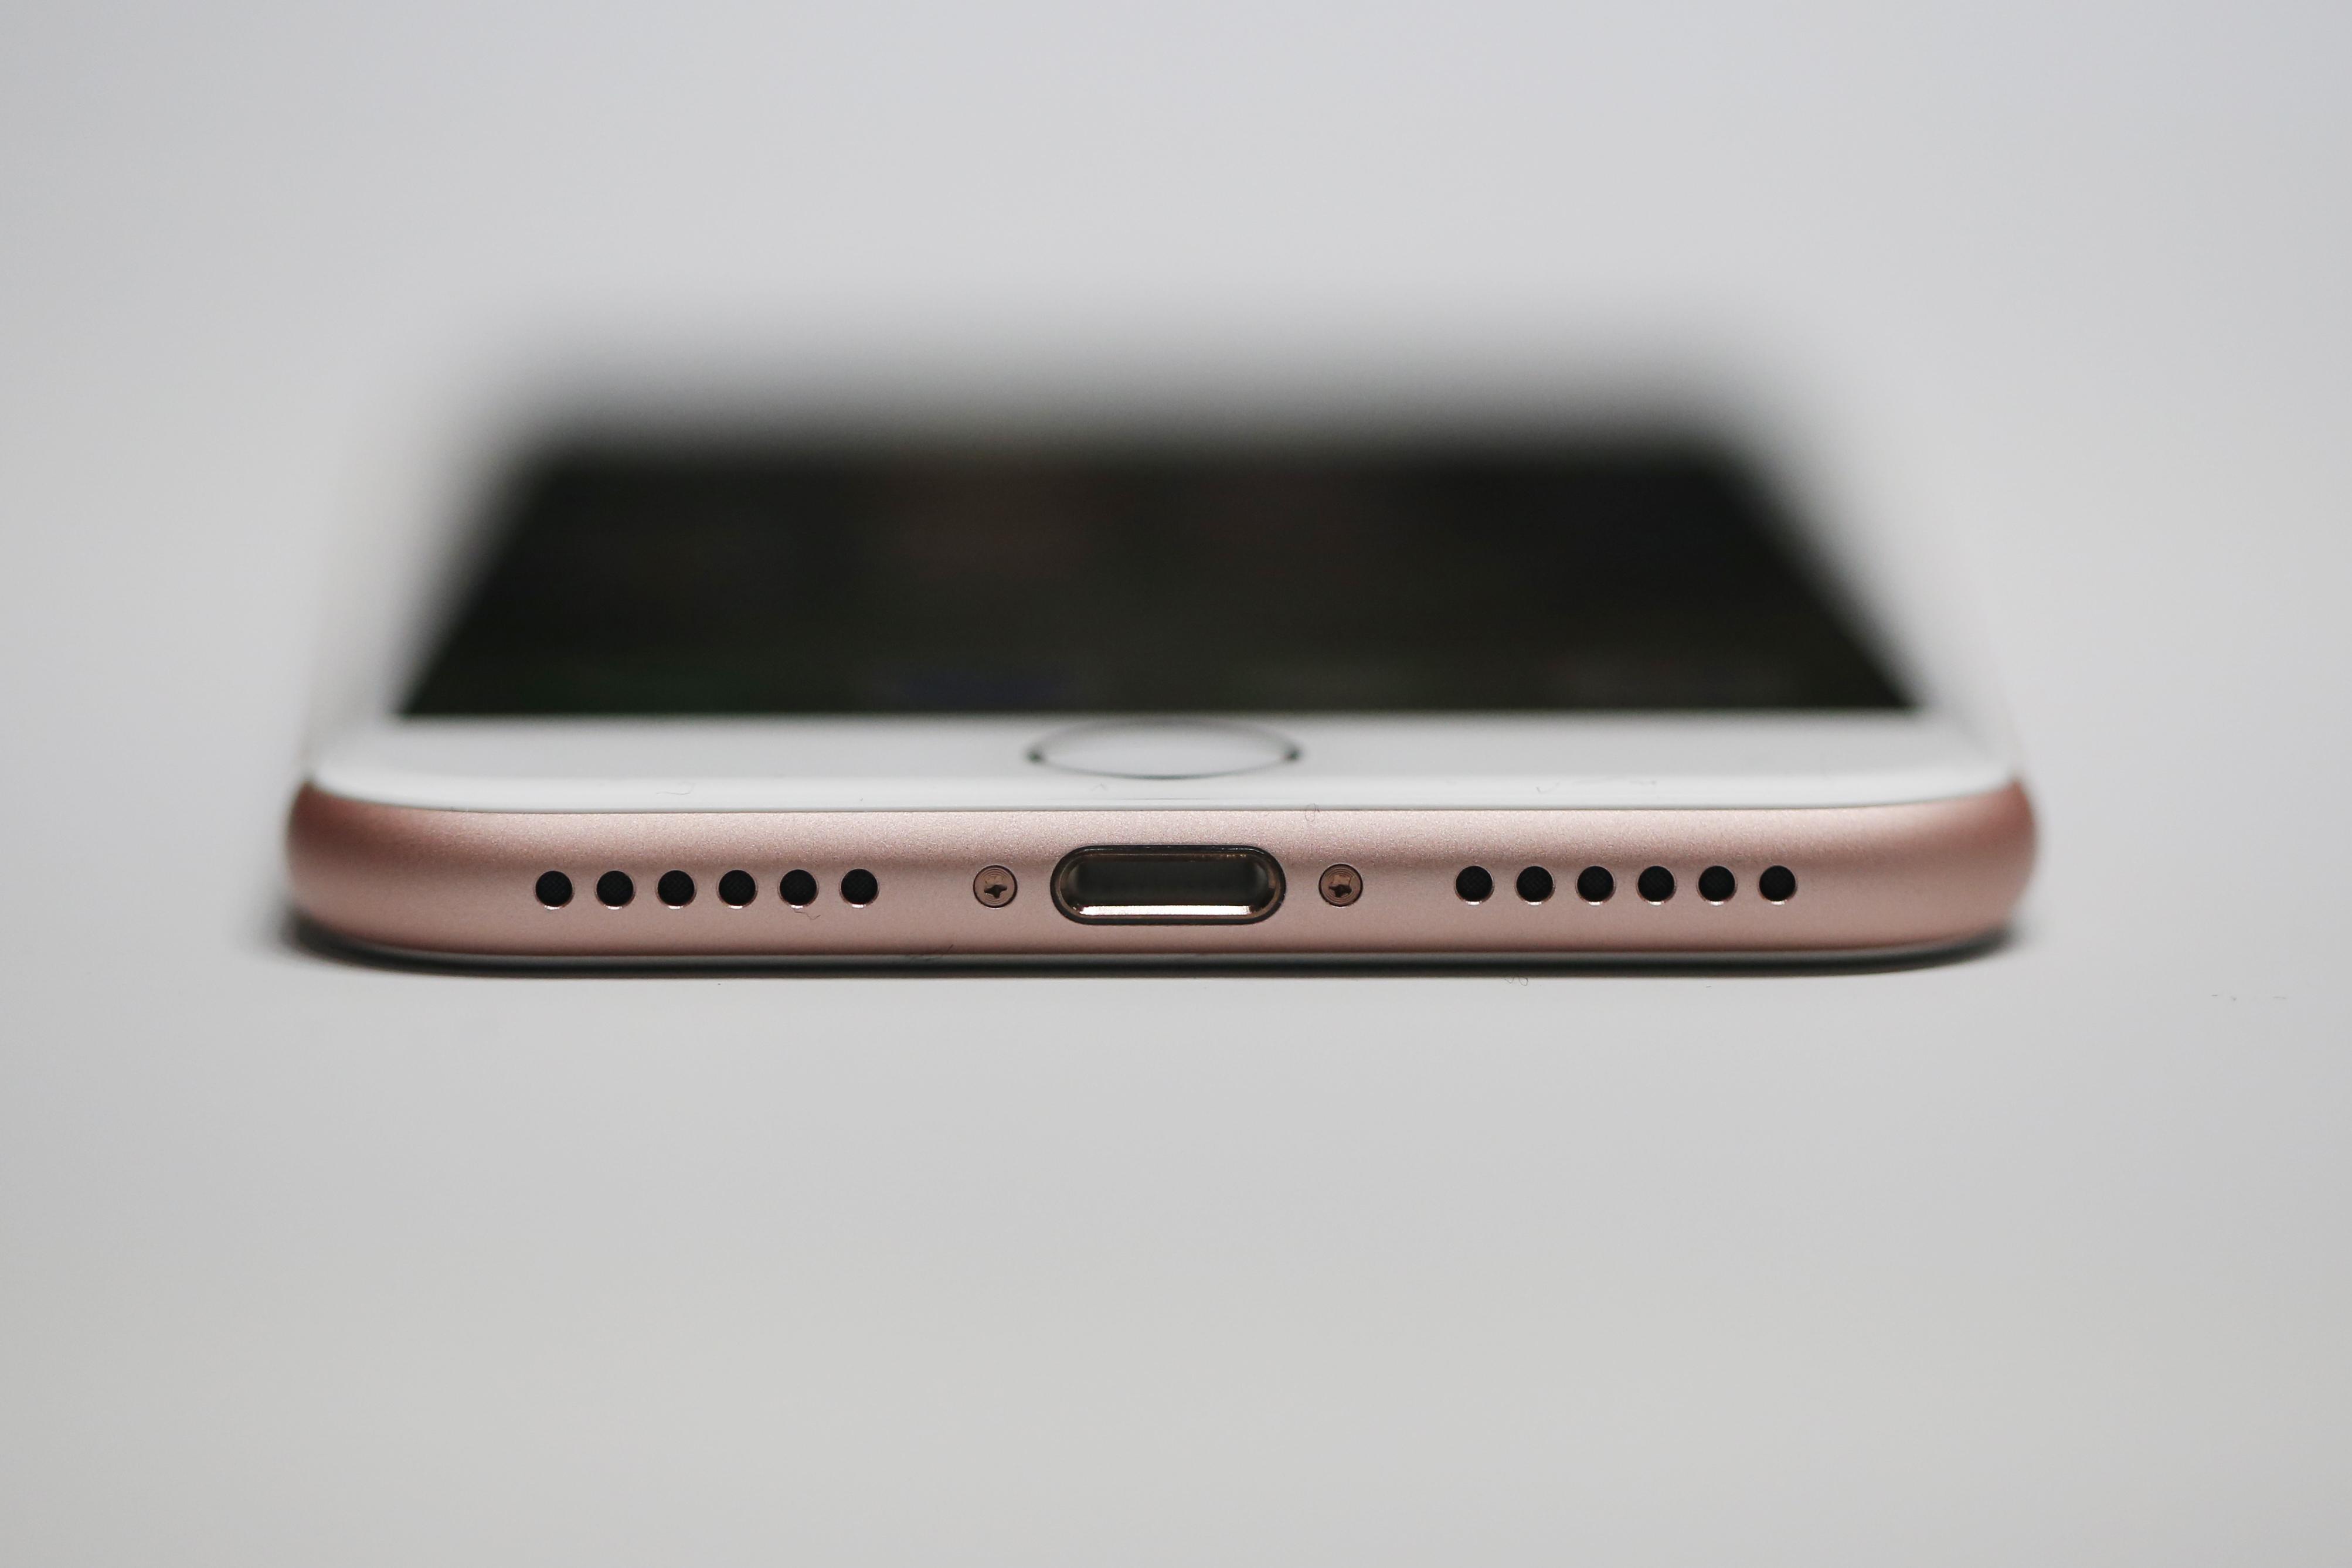 Galaxy S8 : le sens de l'histoire, ce n'est pas le Lightning mais l'USB-C